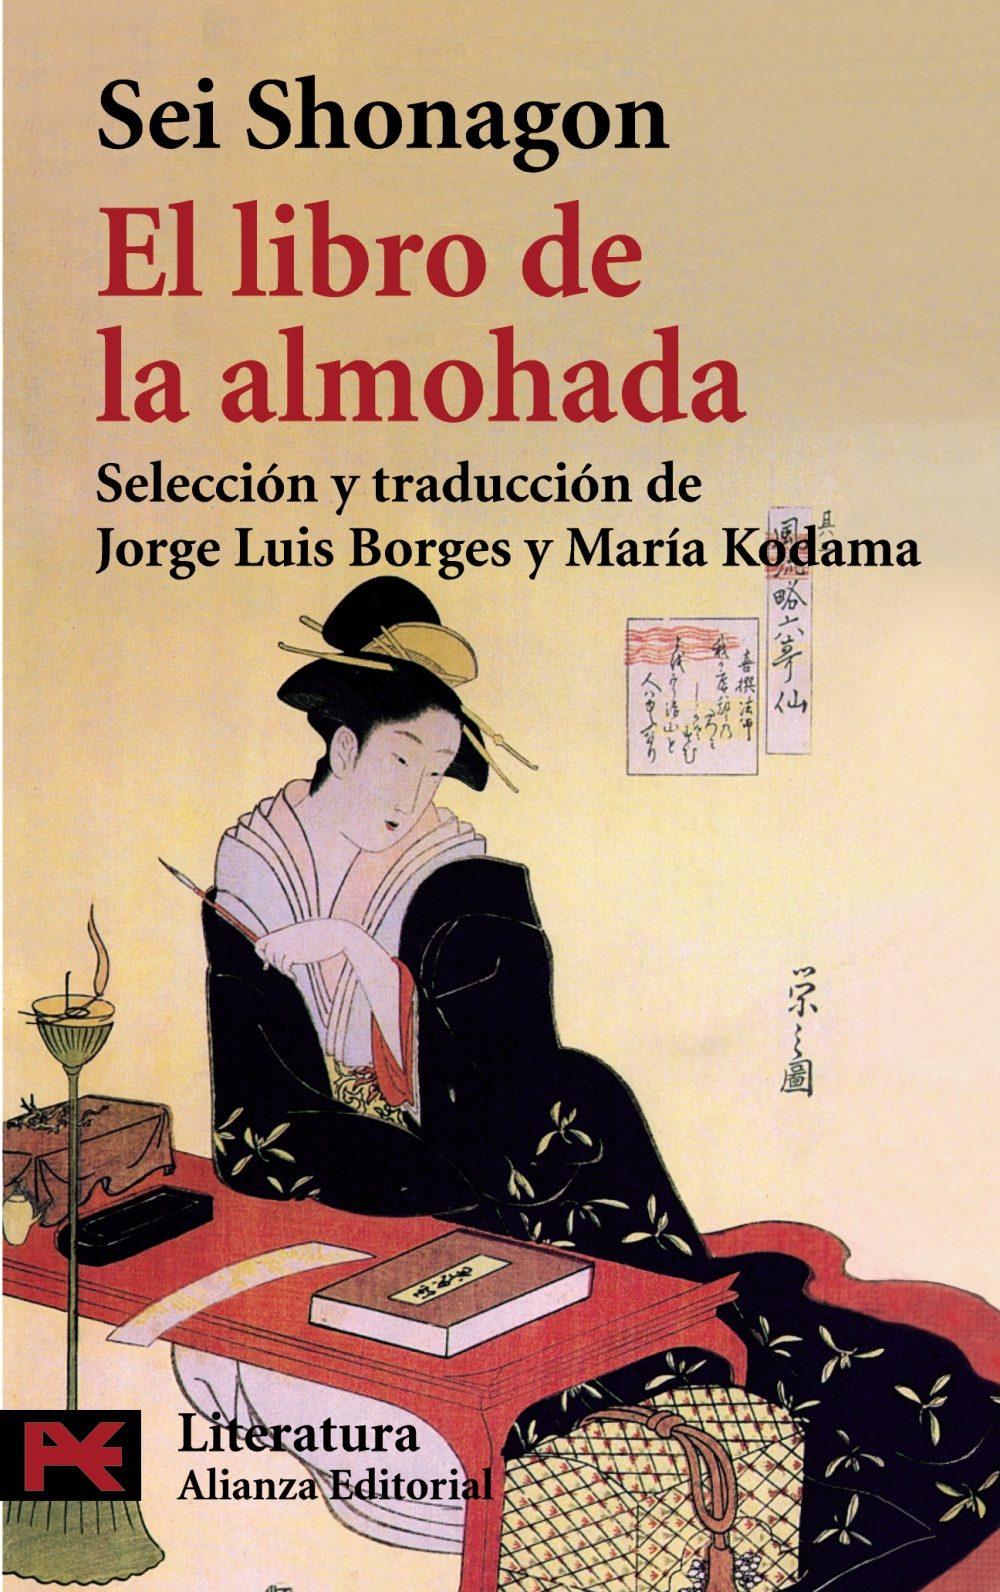 EL LIBRO DE LA ALMOHADA   SEI SHONAGON   Comprar libro 9788420656748